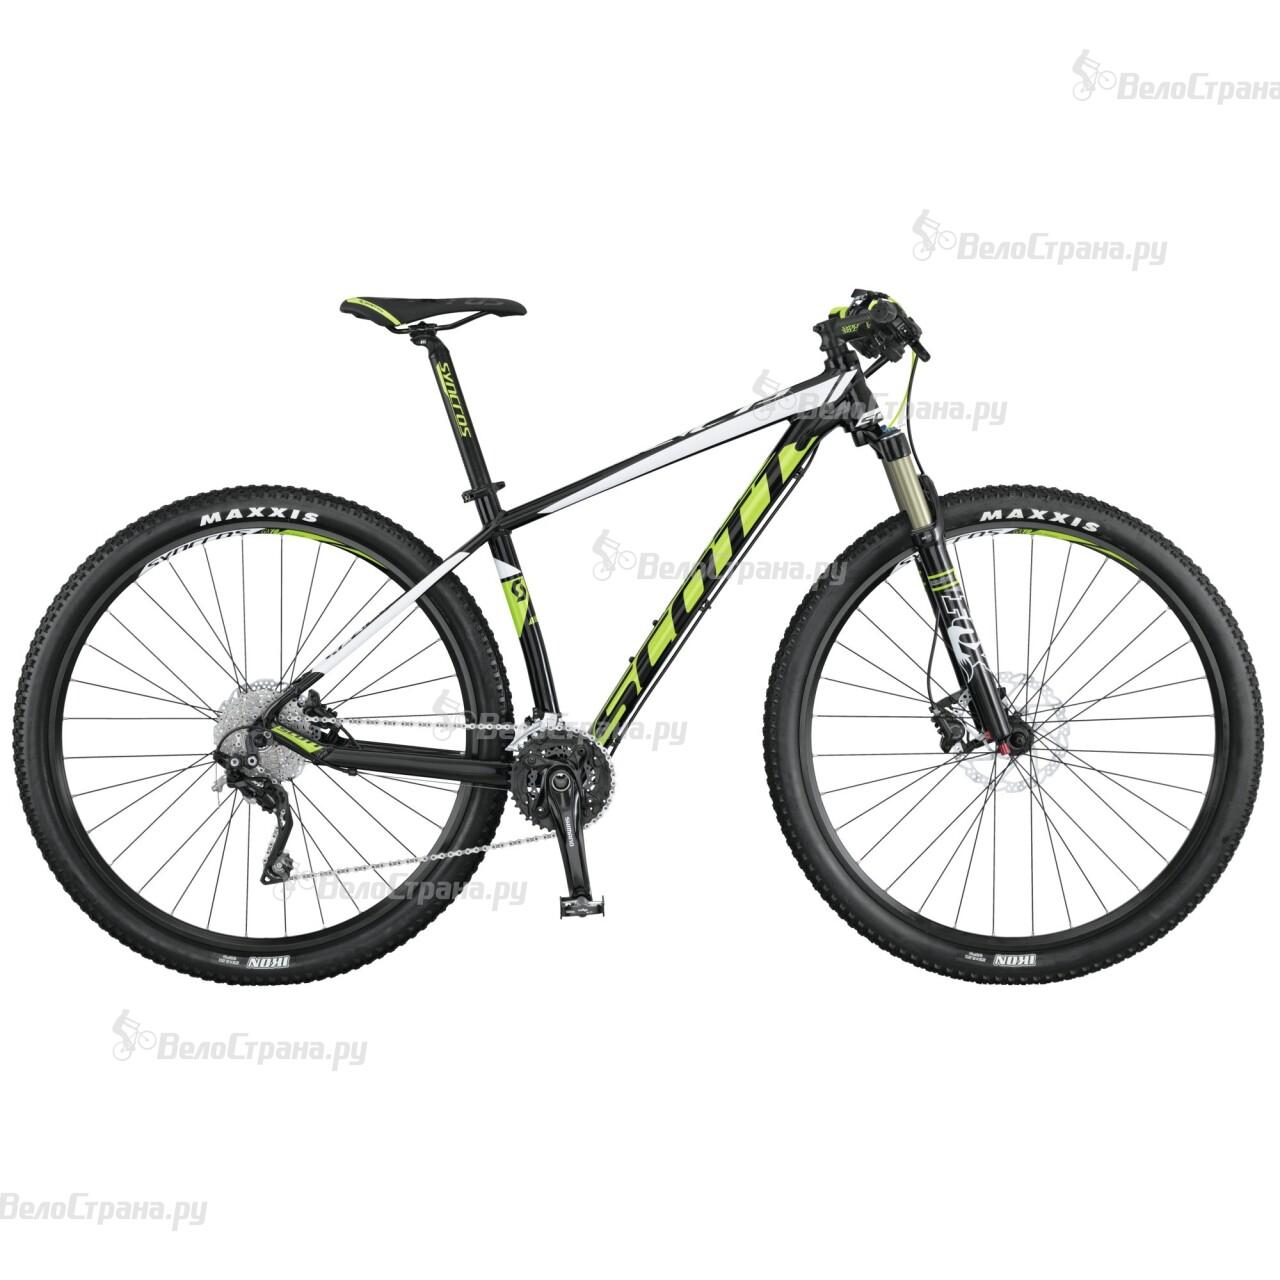 Велосипед Scott Scale 950 (2015)